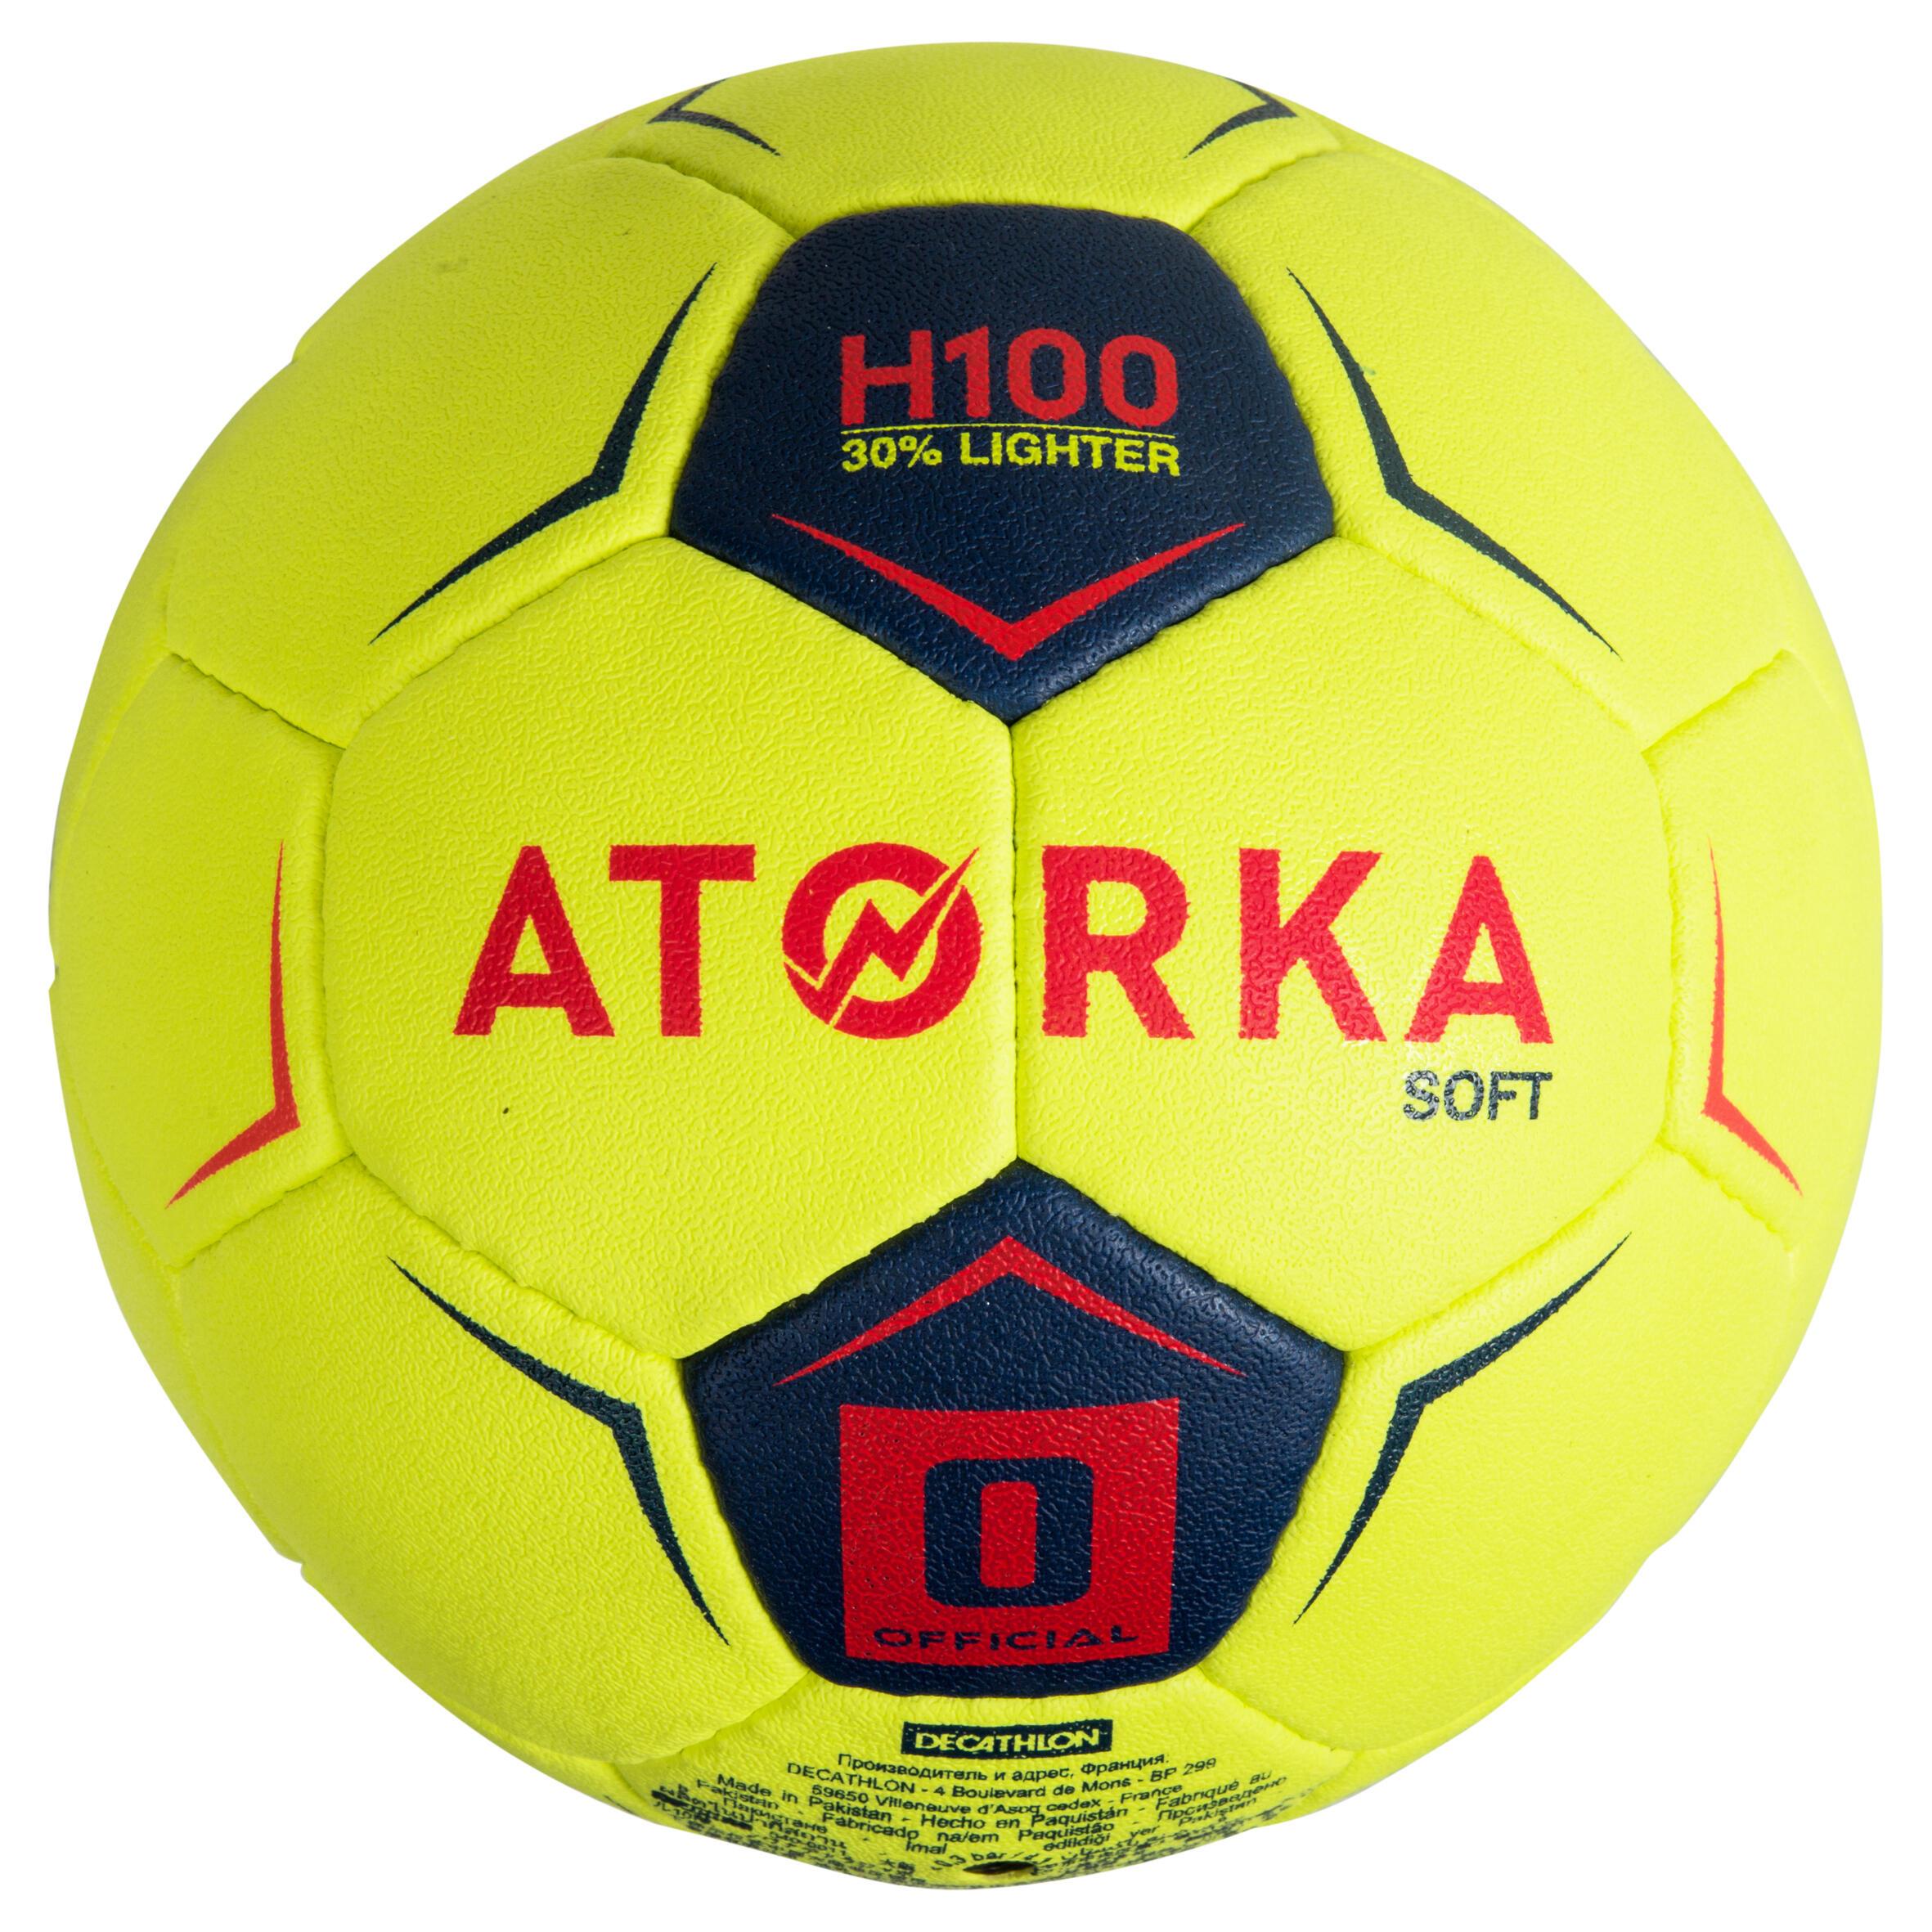 Atorka Handbal kind H100 Soft maat 00, 0 en 1